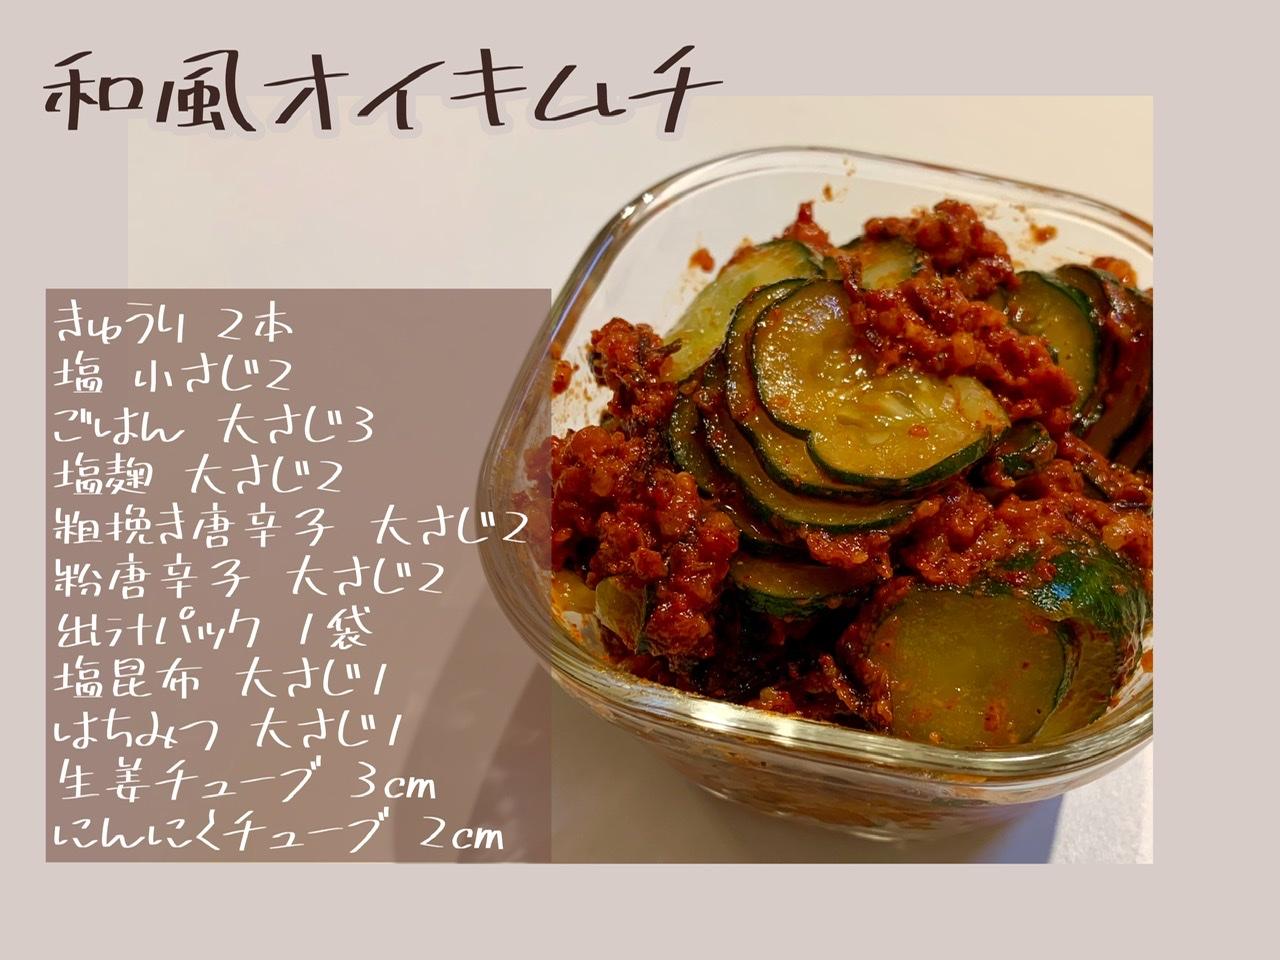 【レシピ:自家製キムチ】手間をかけることで得られる美味しい♪は格別!?_1